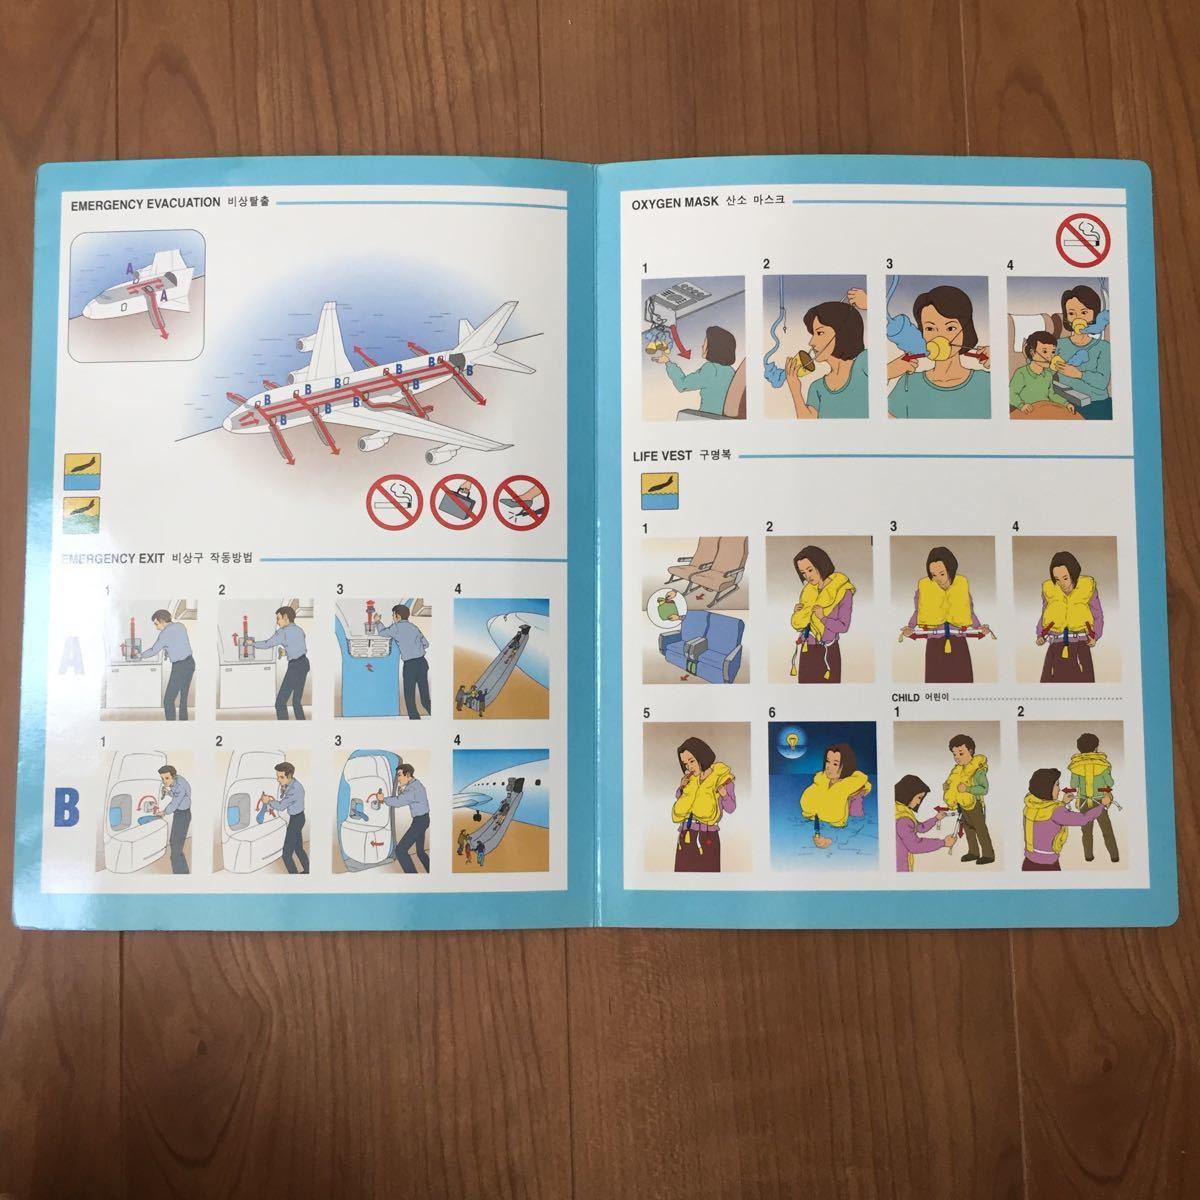 大韓航空 Korean Air B747-400 安全のしおり Safety Informations ジャンボ機 レトロ ボーイング_画像2